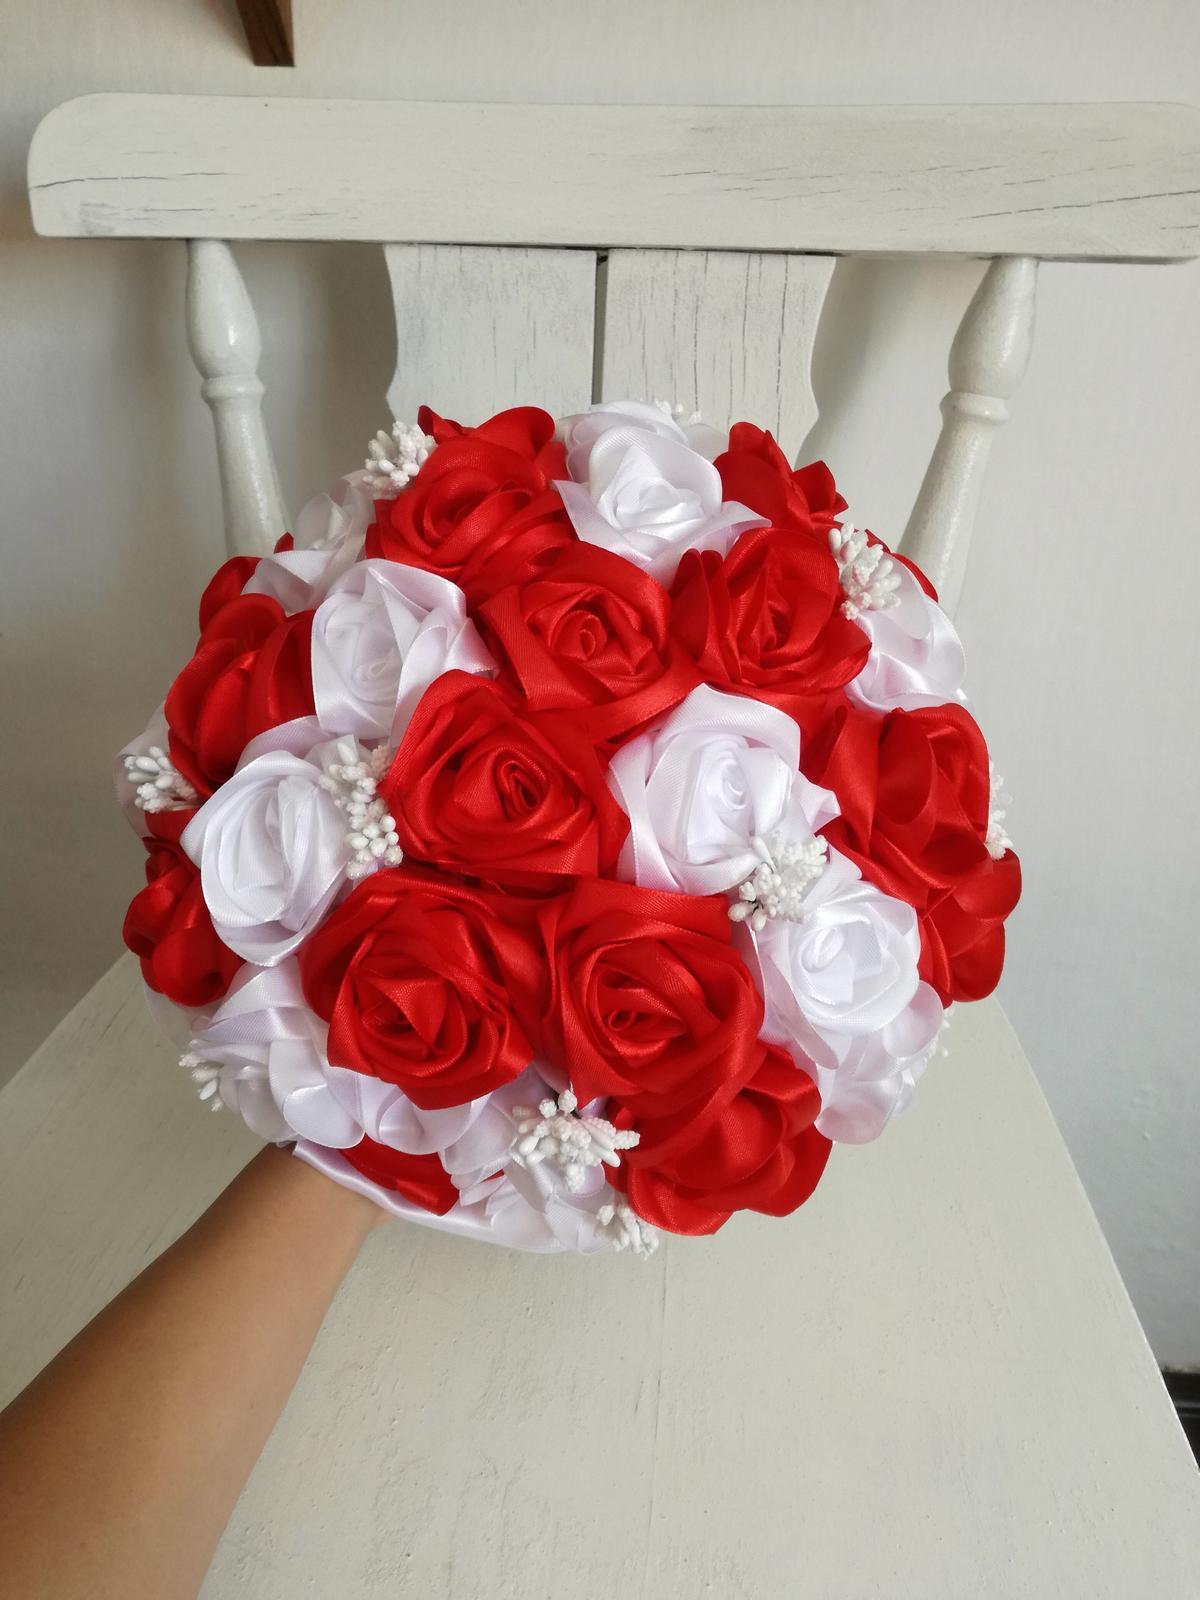 Saténové ruže-bielo červené,pošta v cene - Obrázok č. 1